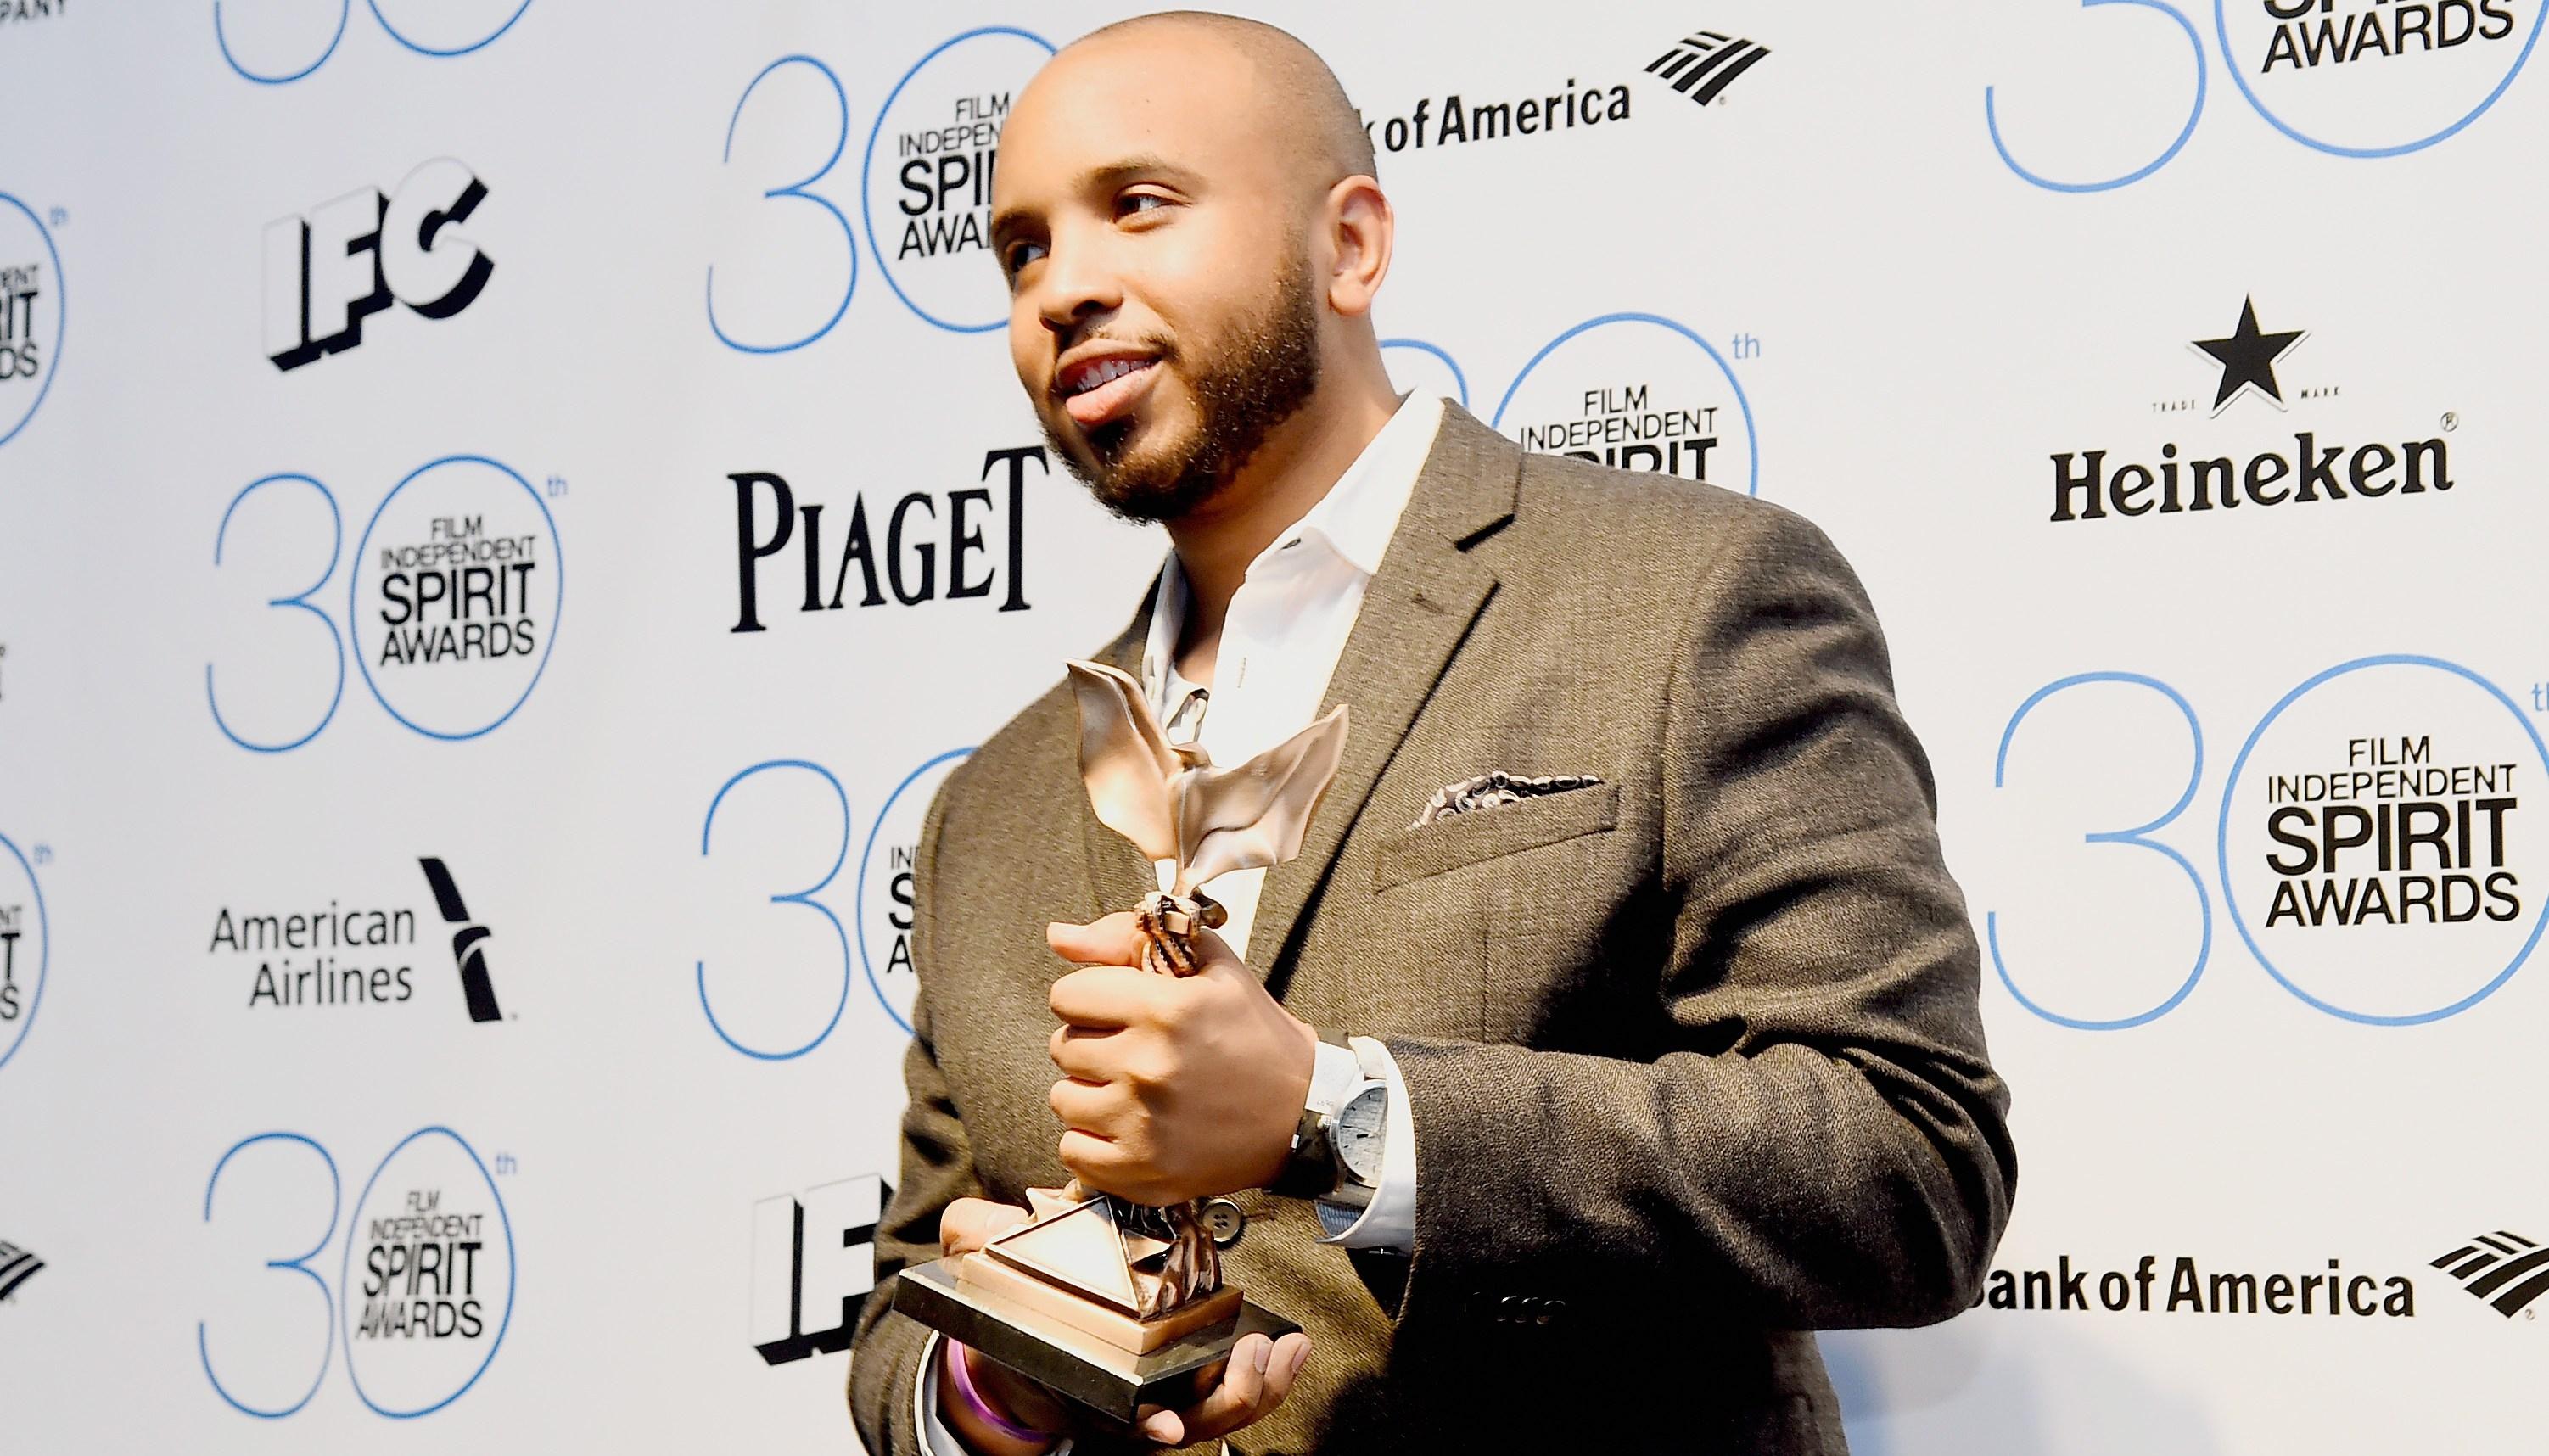 2015 Film Independent Spirit Awards - Press Room